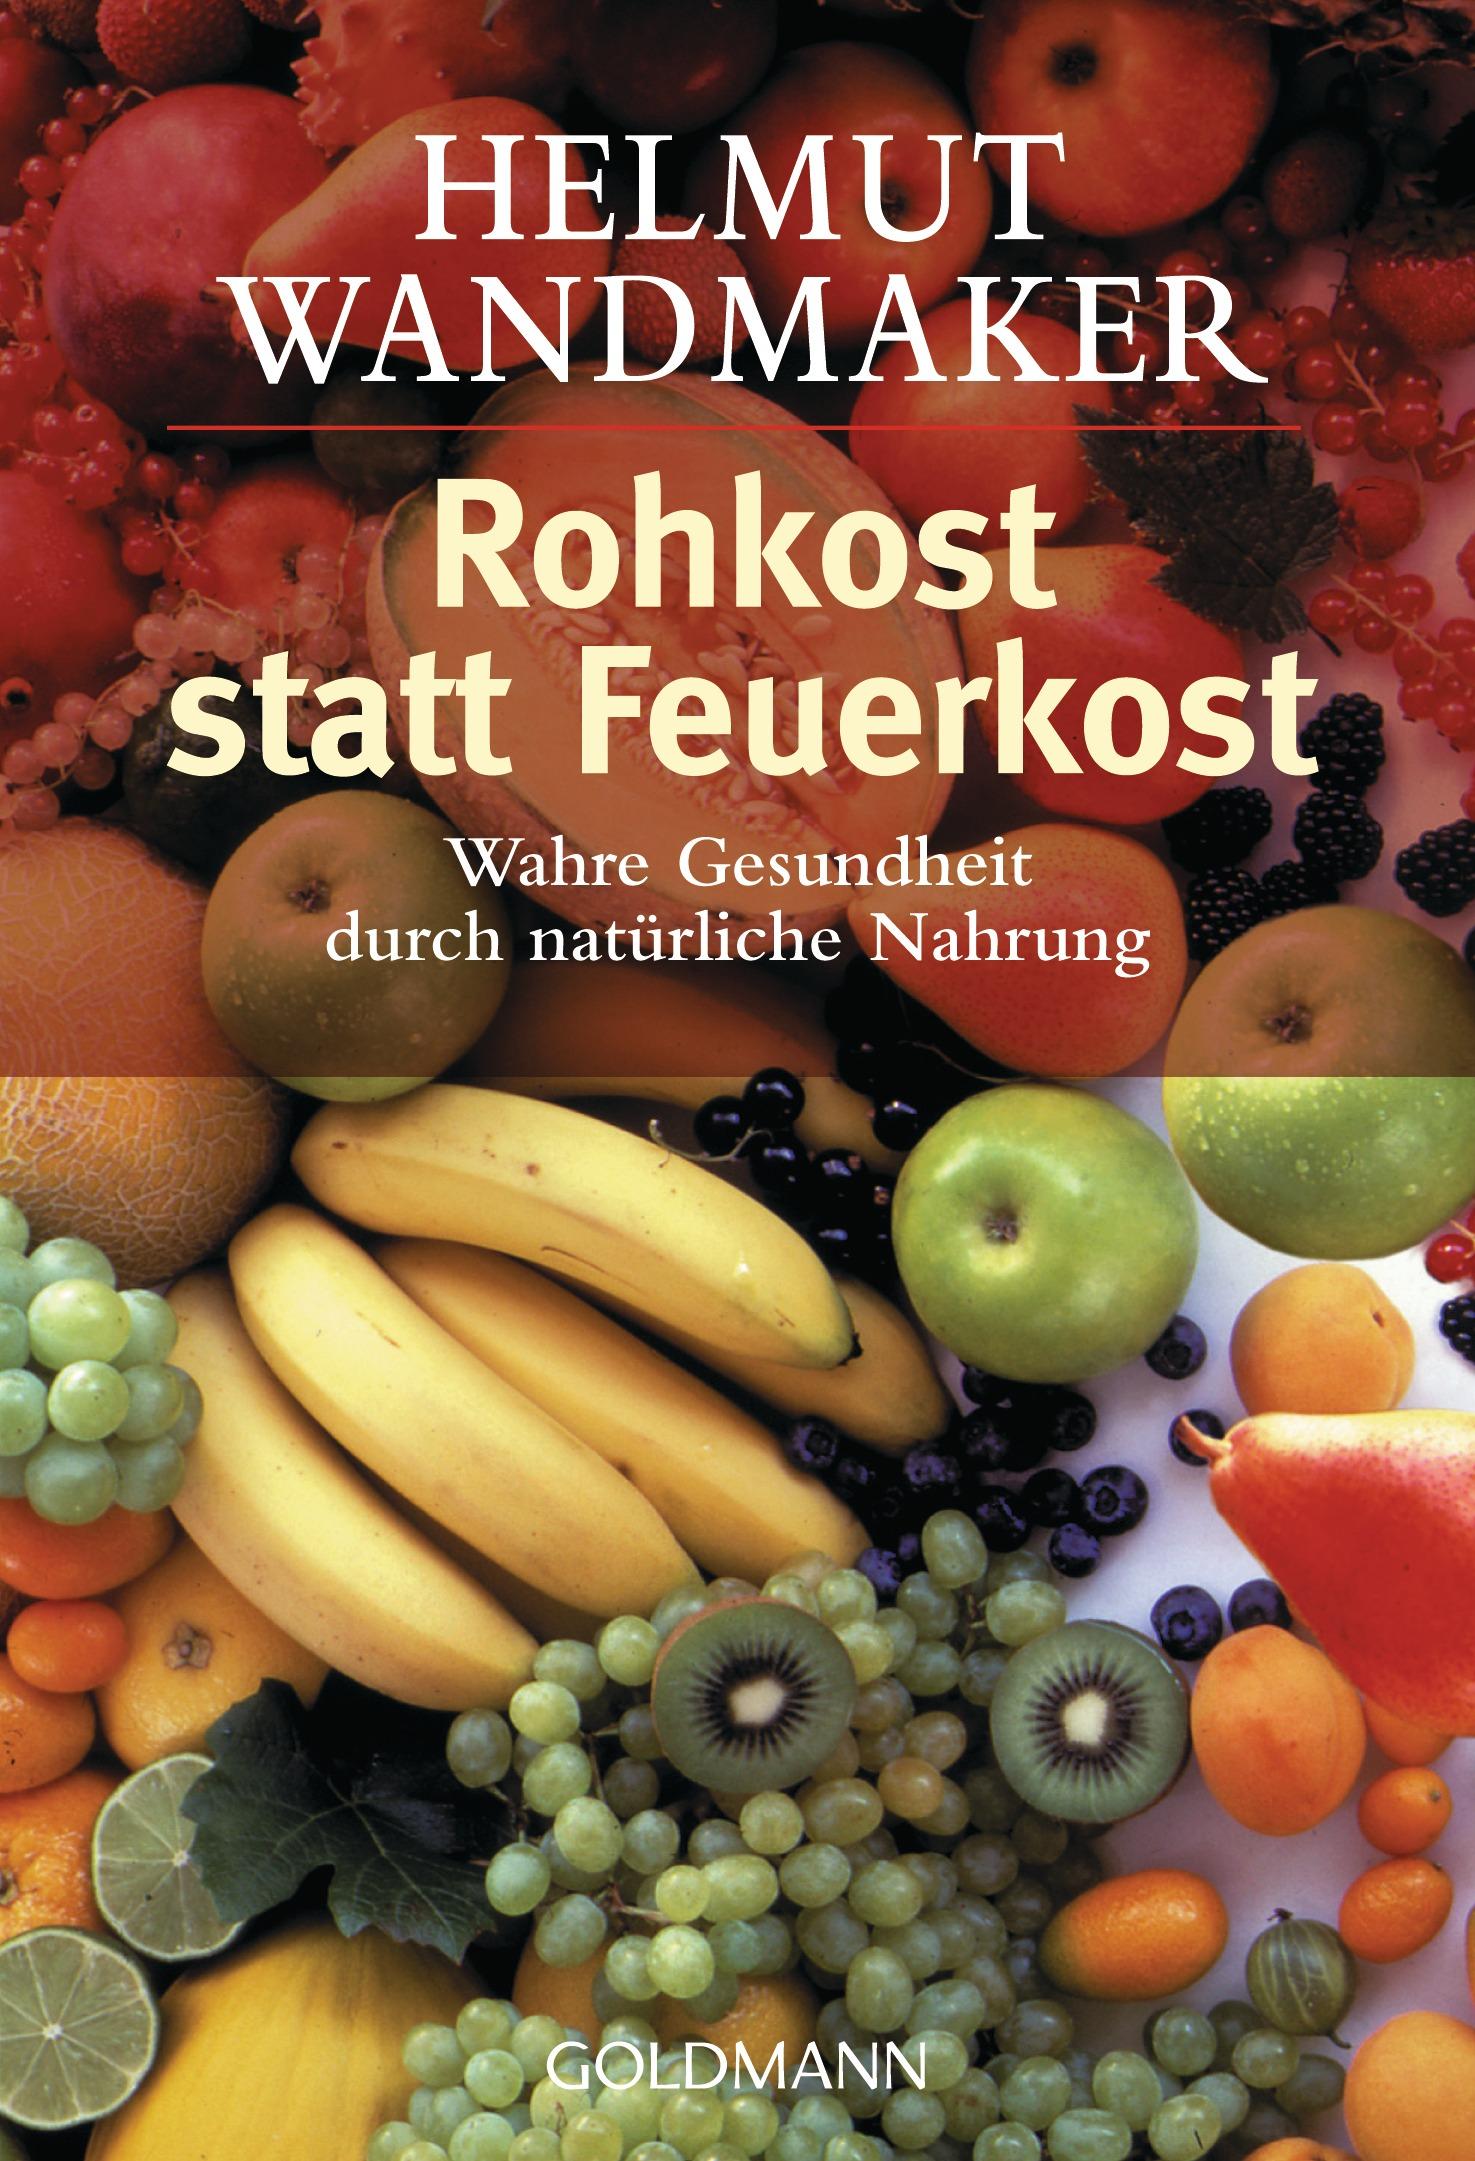 Rohkost statt Feuerkost: Wahre Gesundheit durch natürliche Nahrung - Helmut Wandmaker